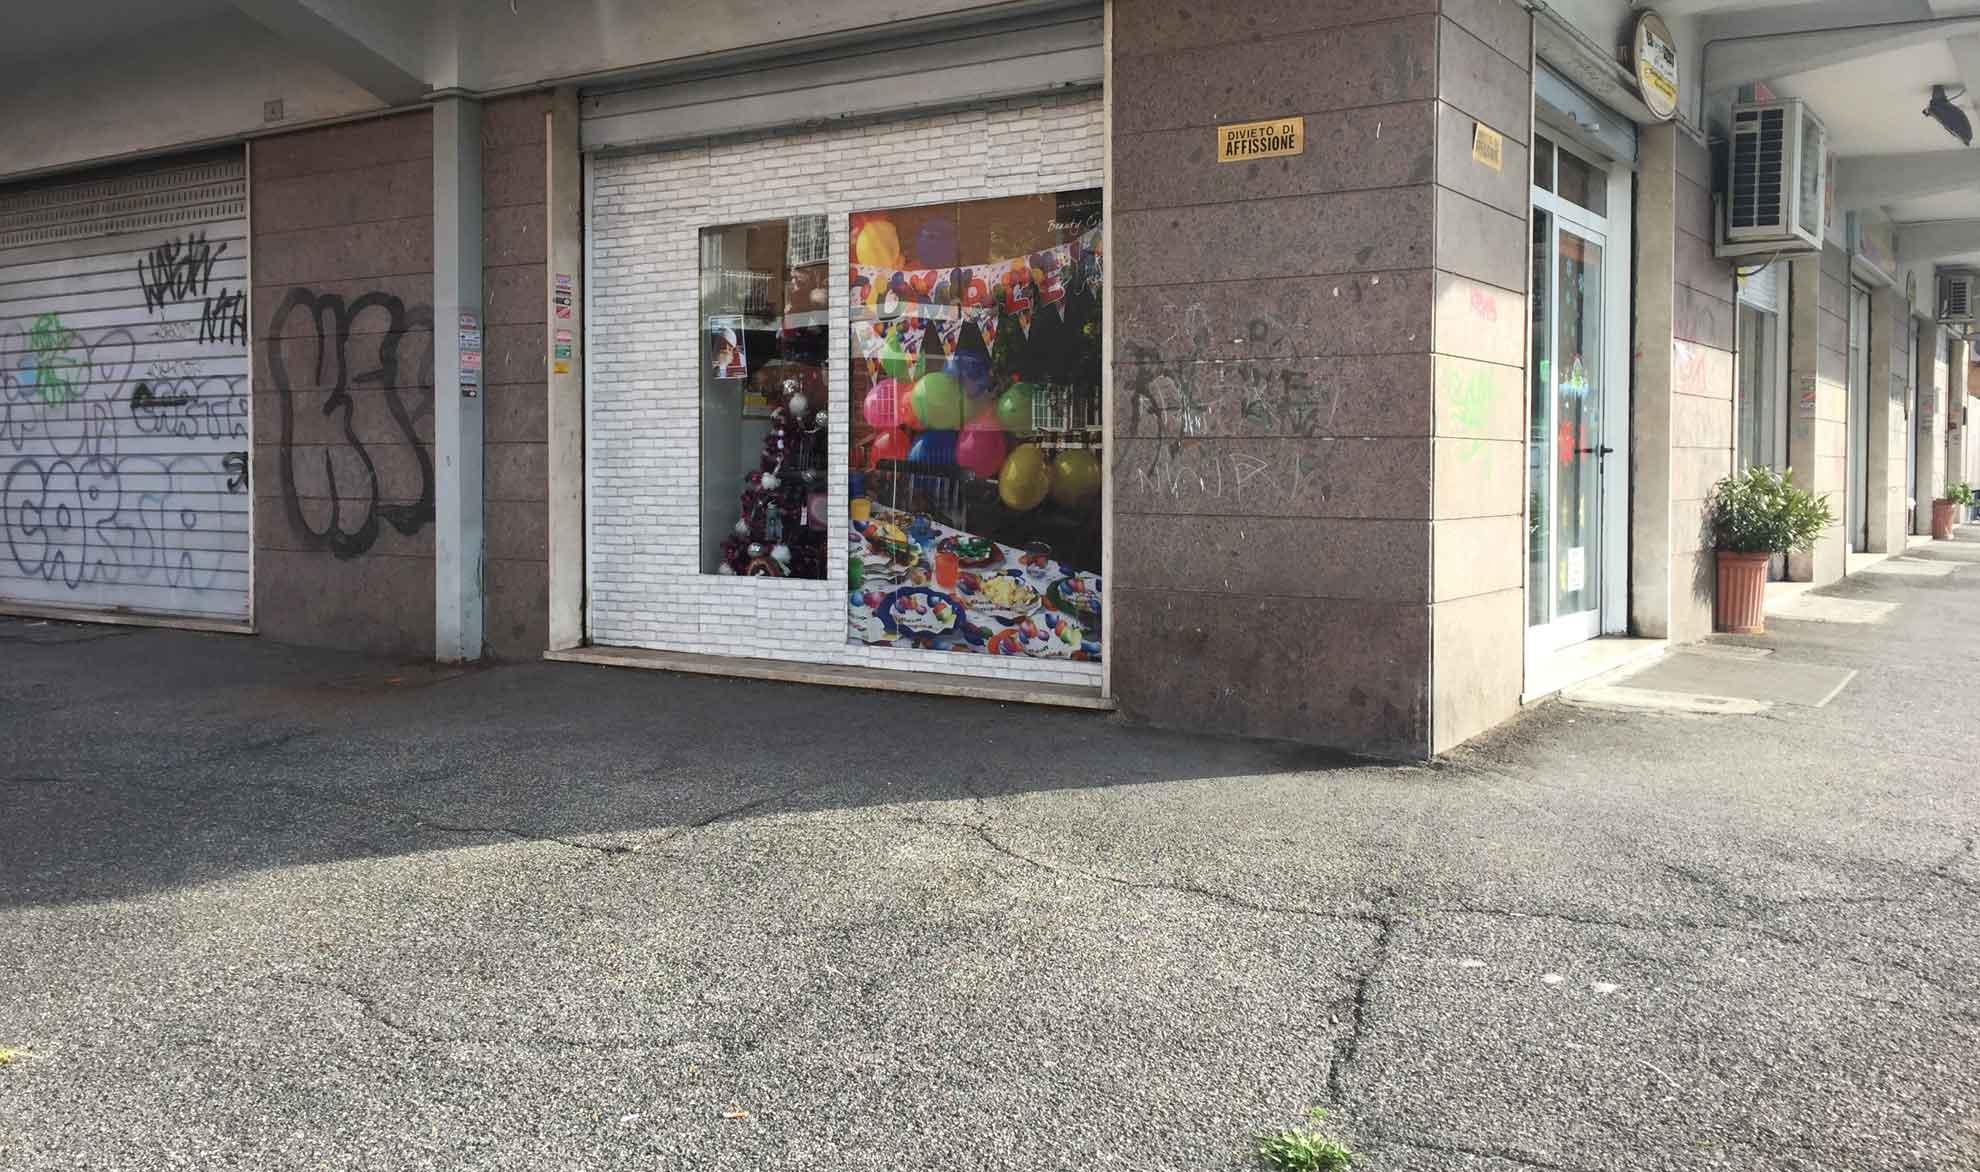 Locale commerciale in affitto a ciampino petrucci for Affitto locale c1